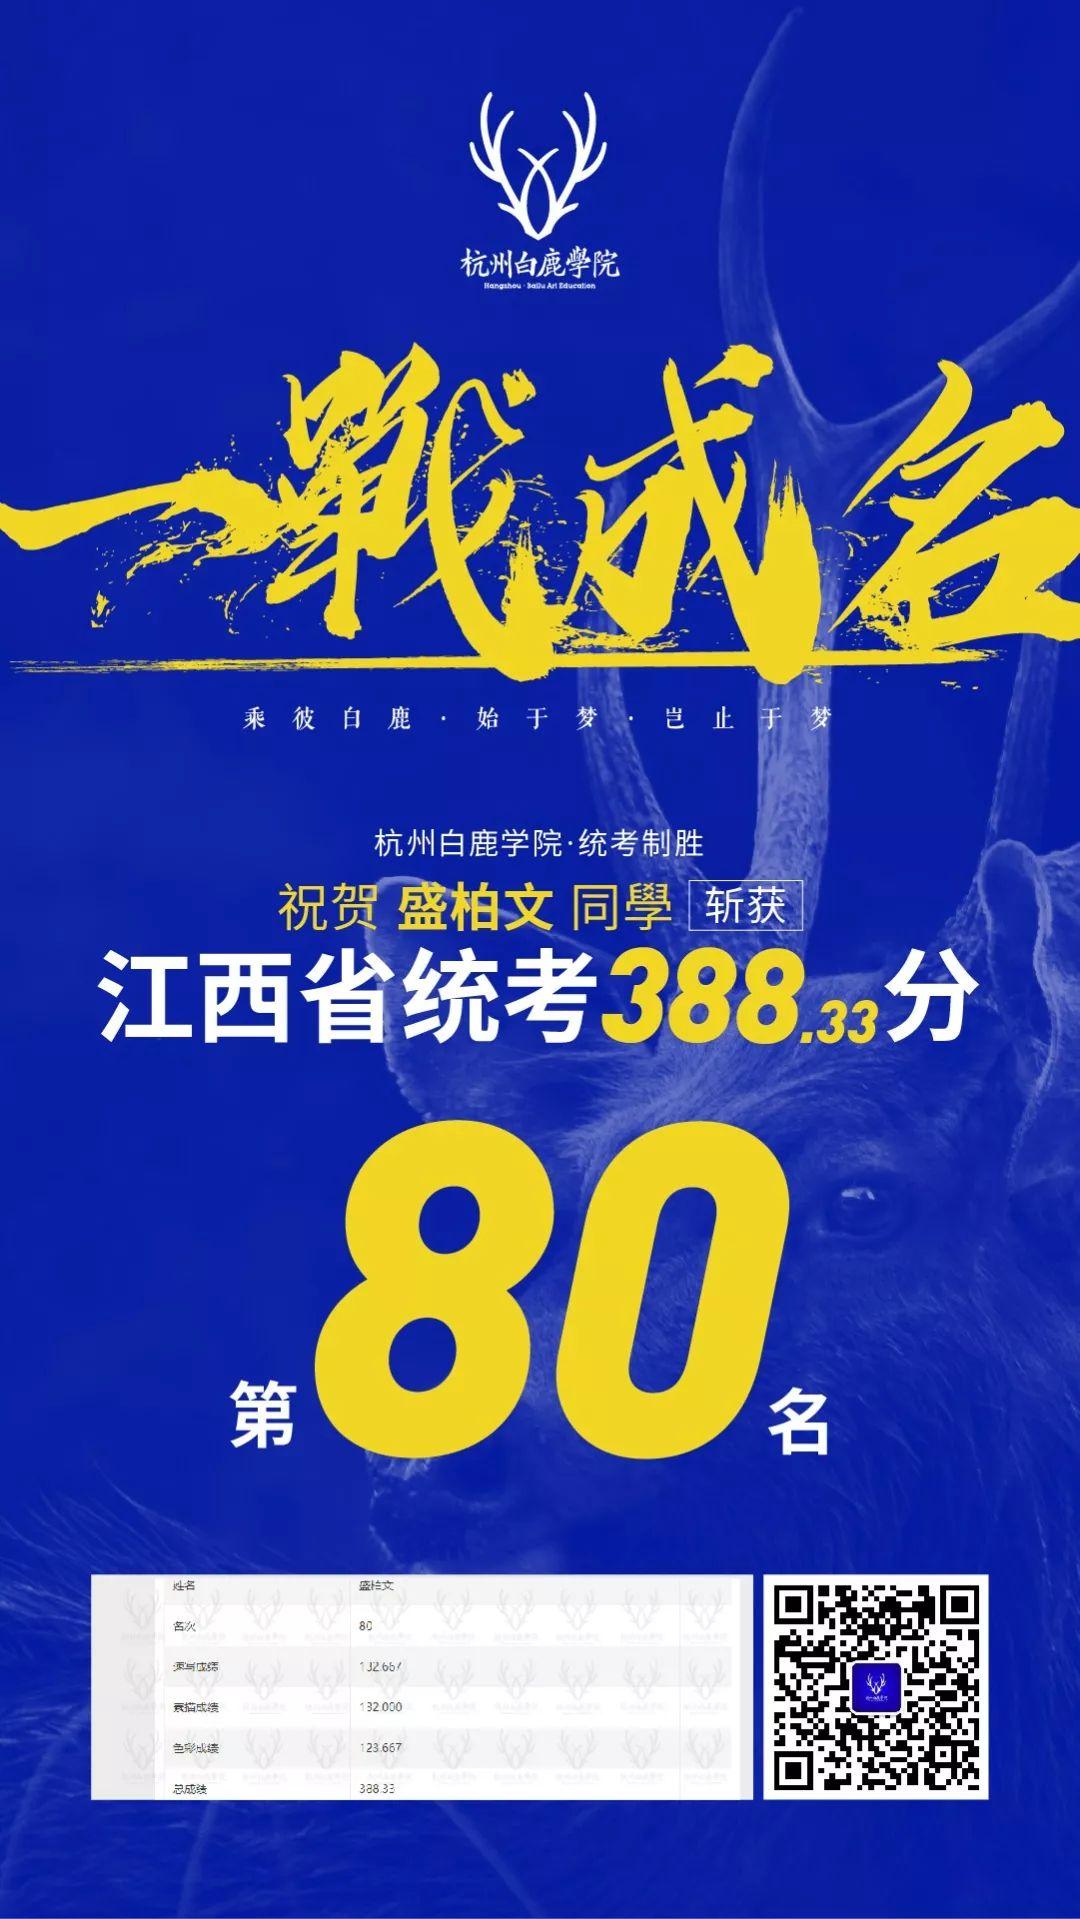 杭州画室,杭州美术培训,杭州联考美术培训,09